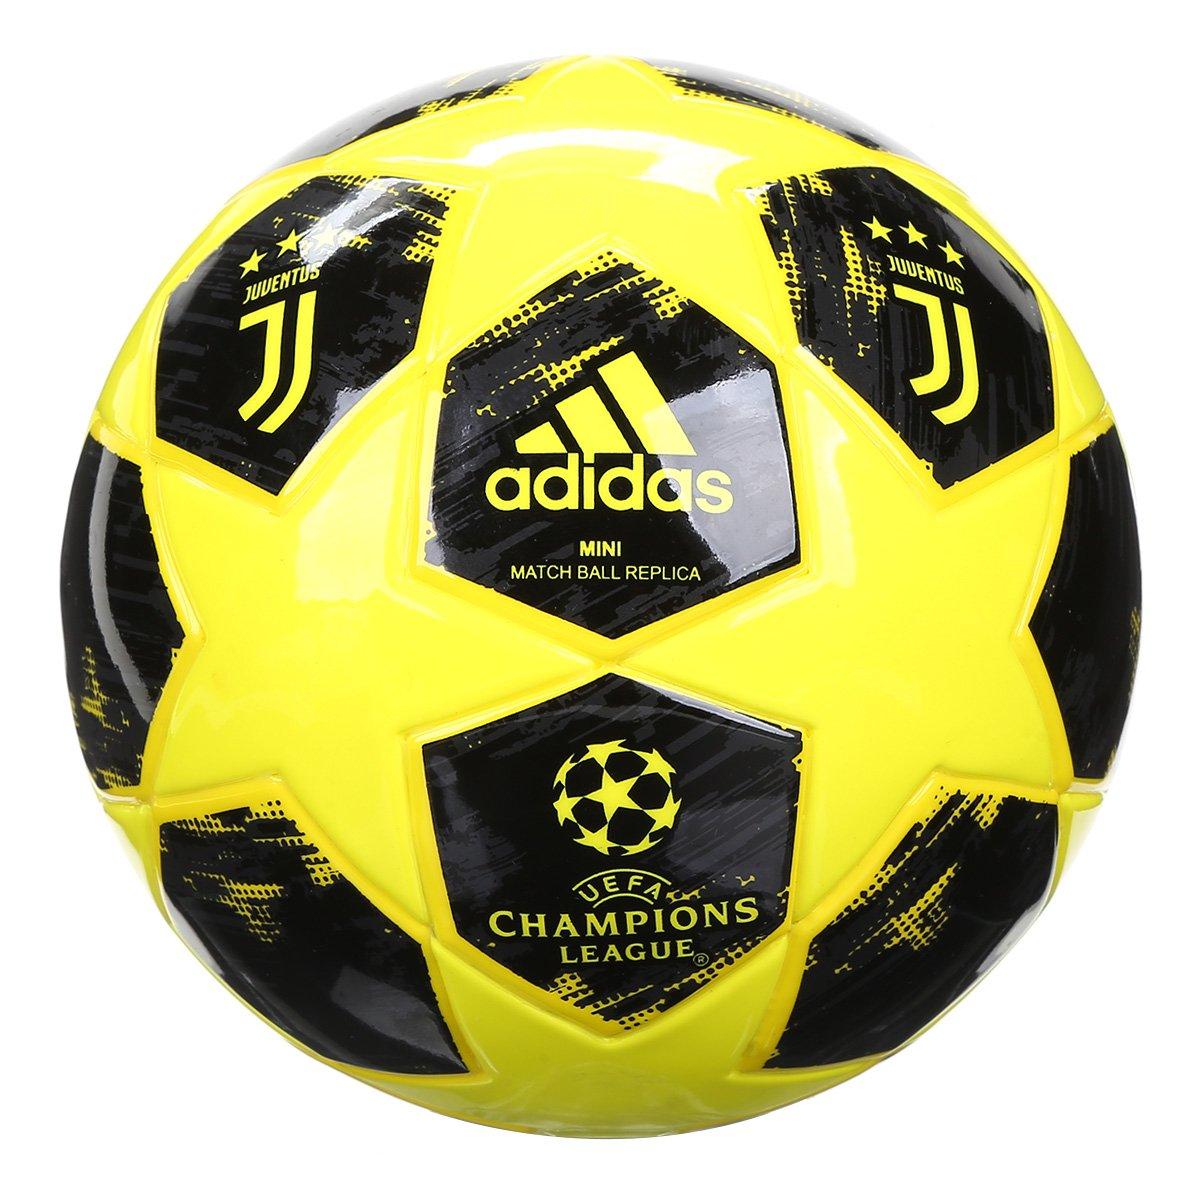 44a60cc603 Mini Bola de Futebol Juventus Adidas Finale 18 - Compre Agora ...